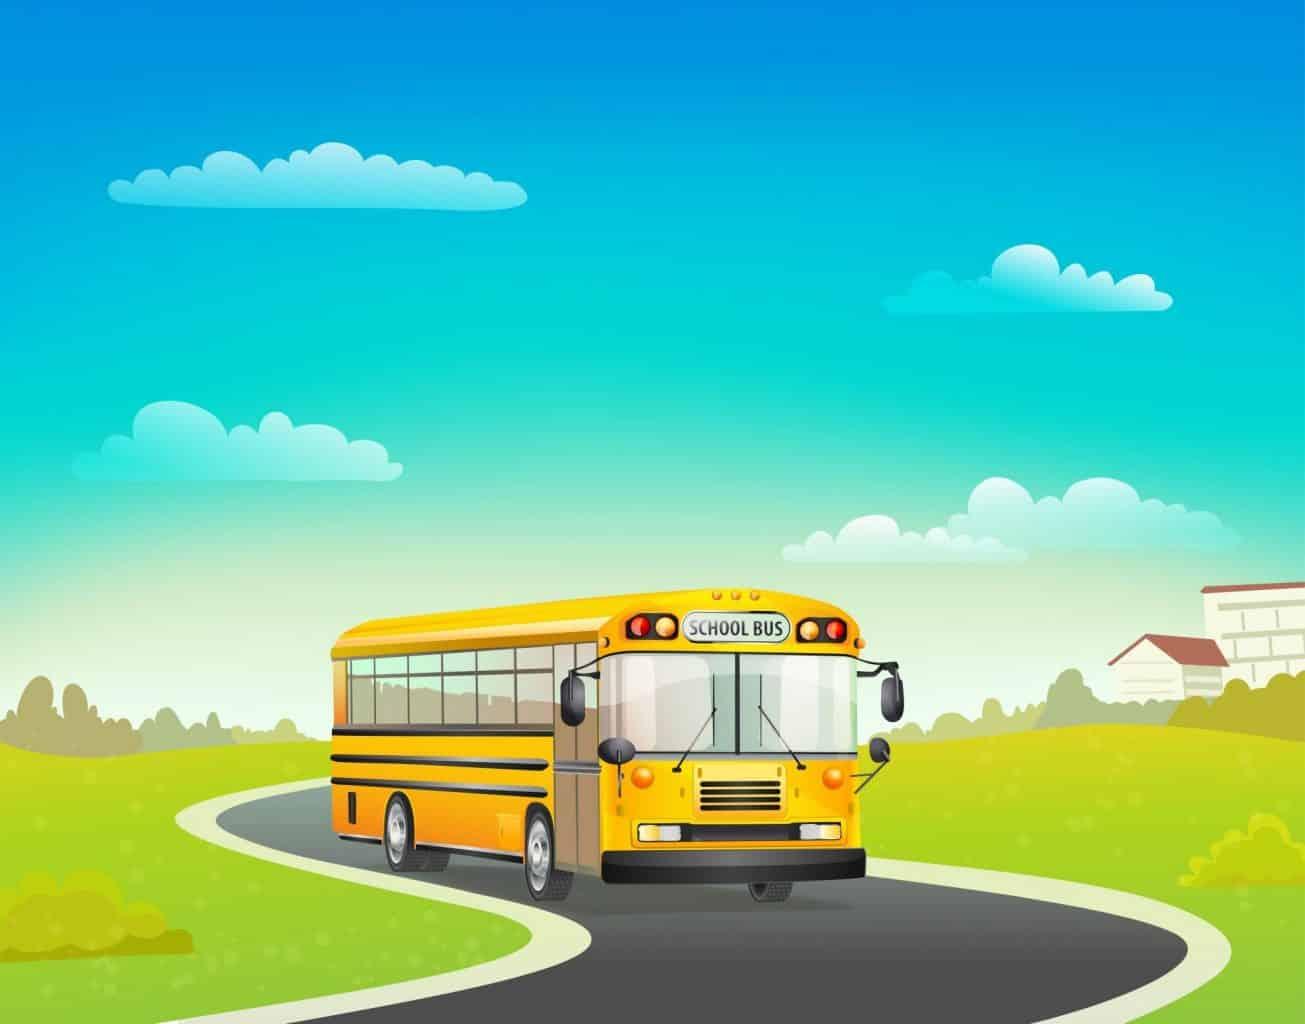 Pais serão indenizados por morte de filho em acidente com ônibus escolar